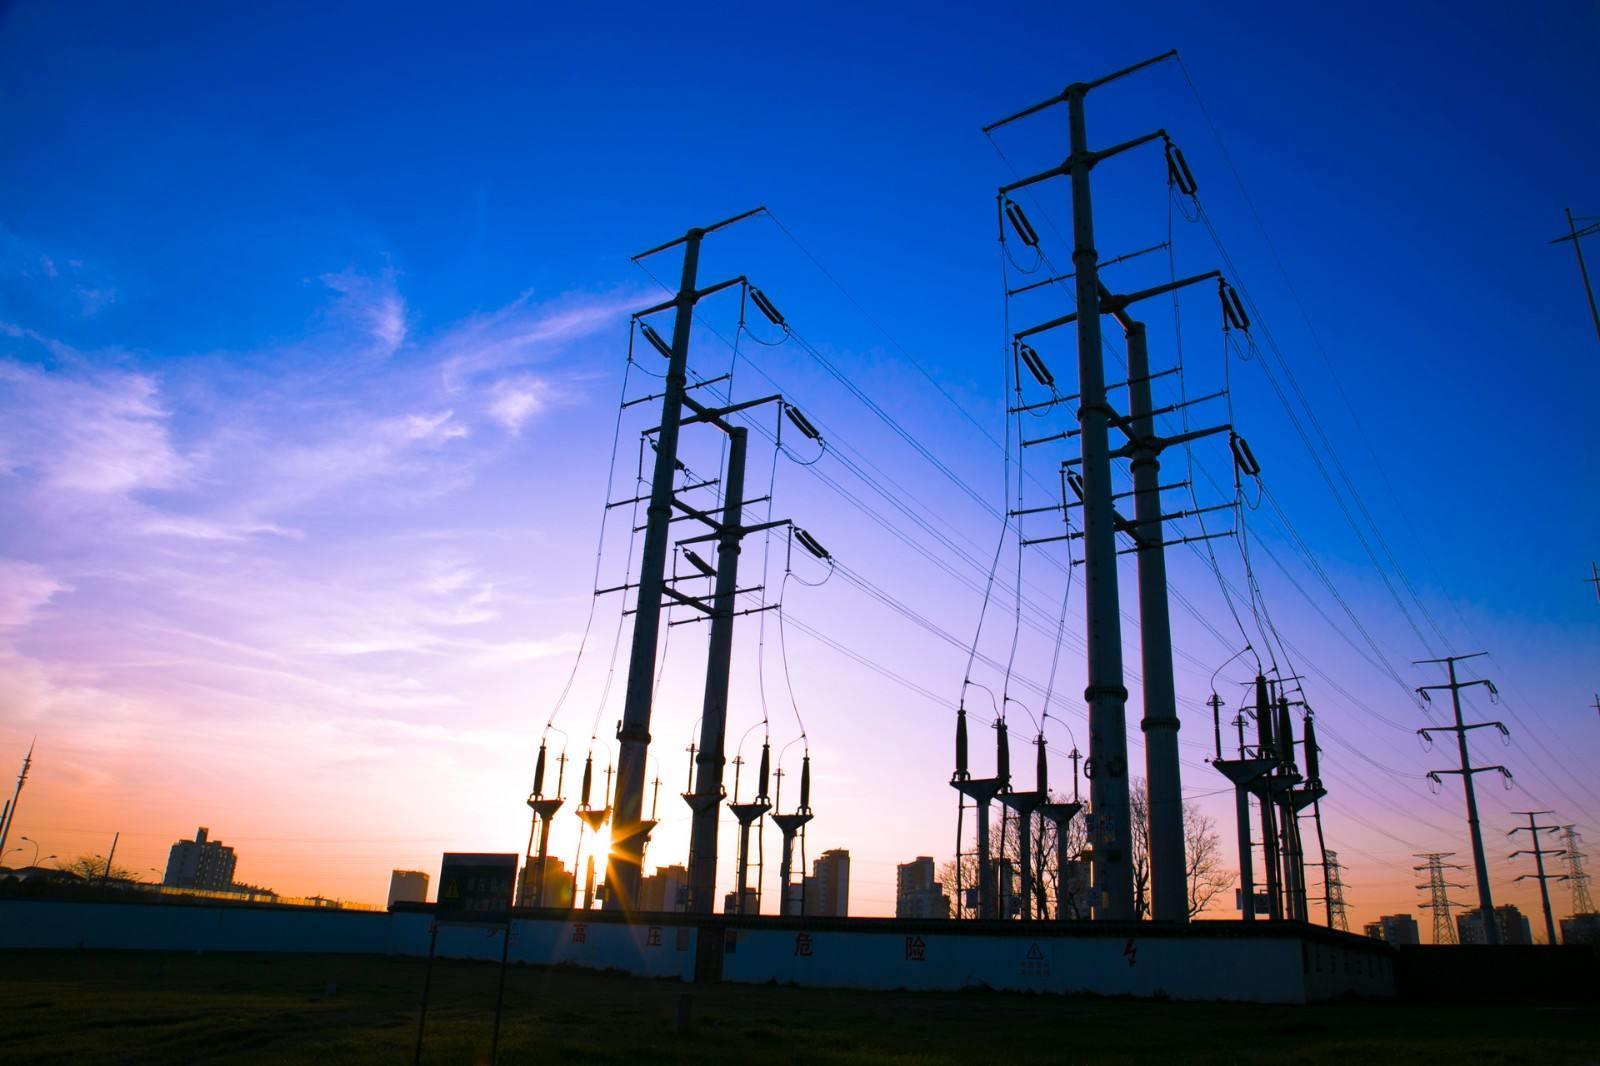 国网陕西重点工程——750千伏神木输变电工程投运